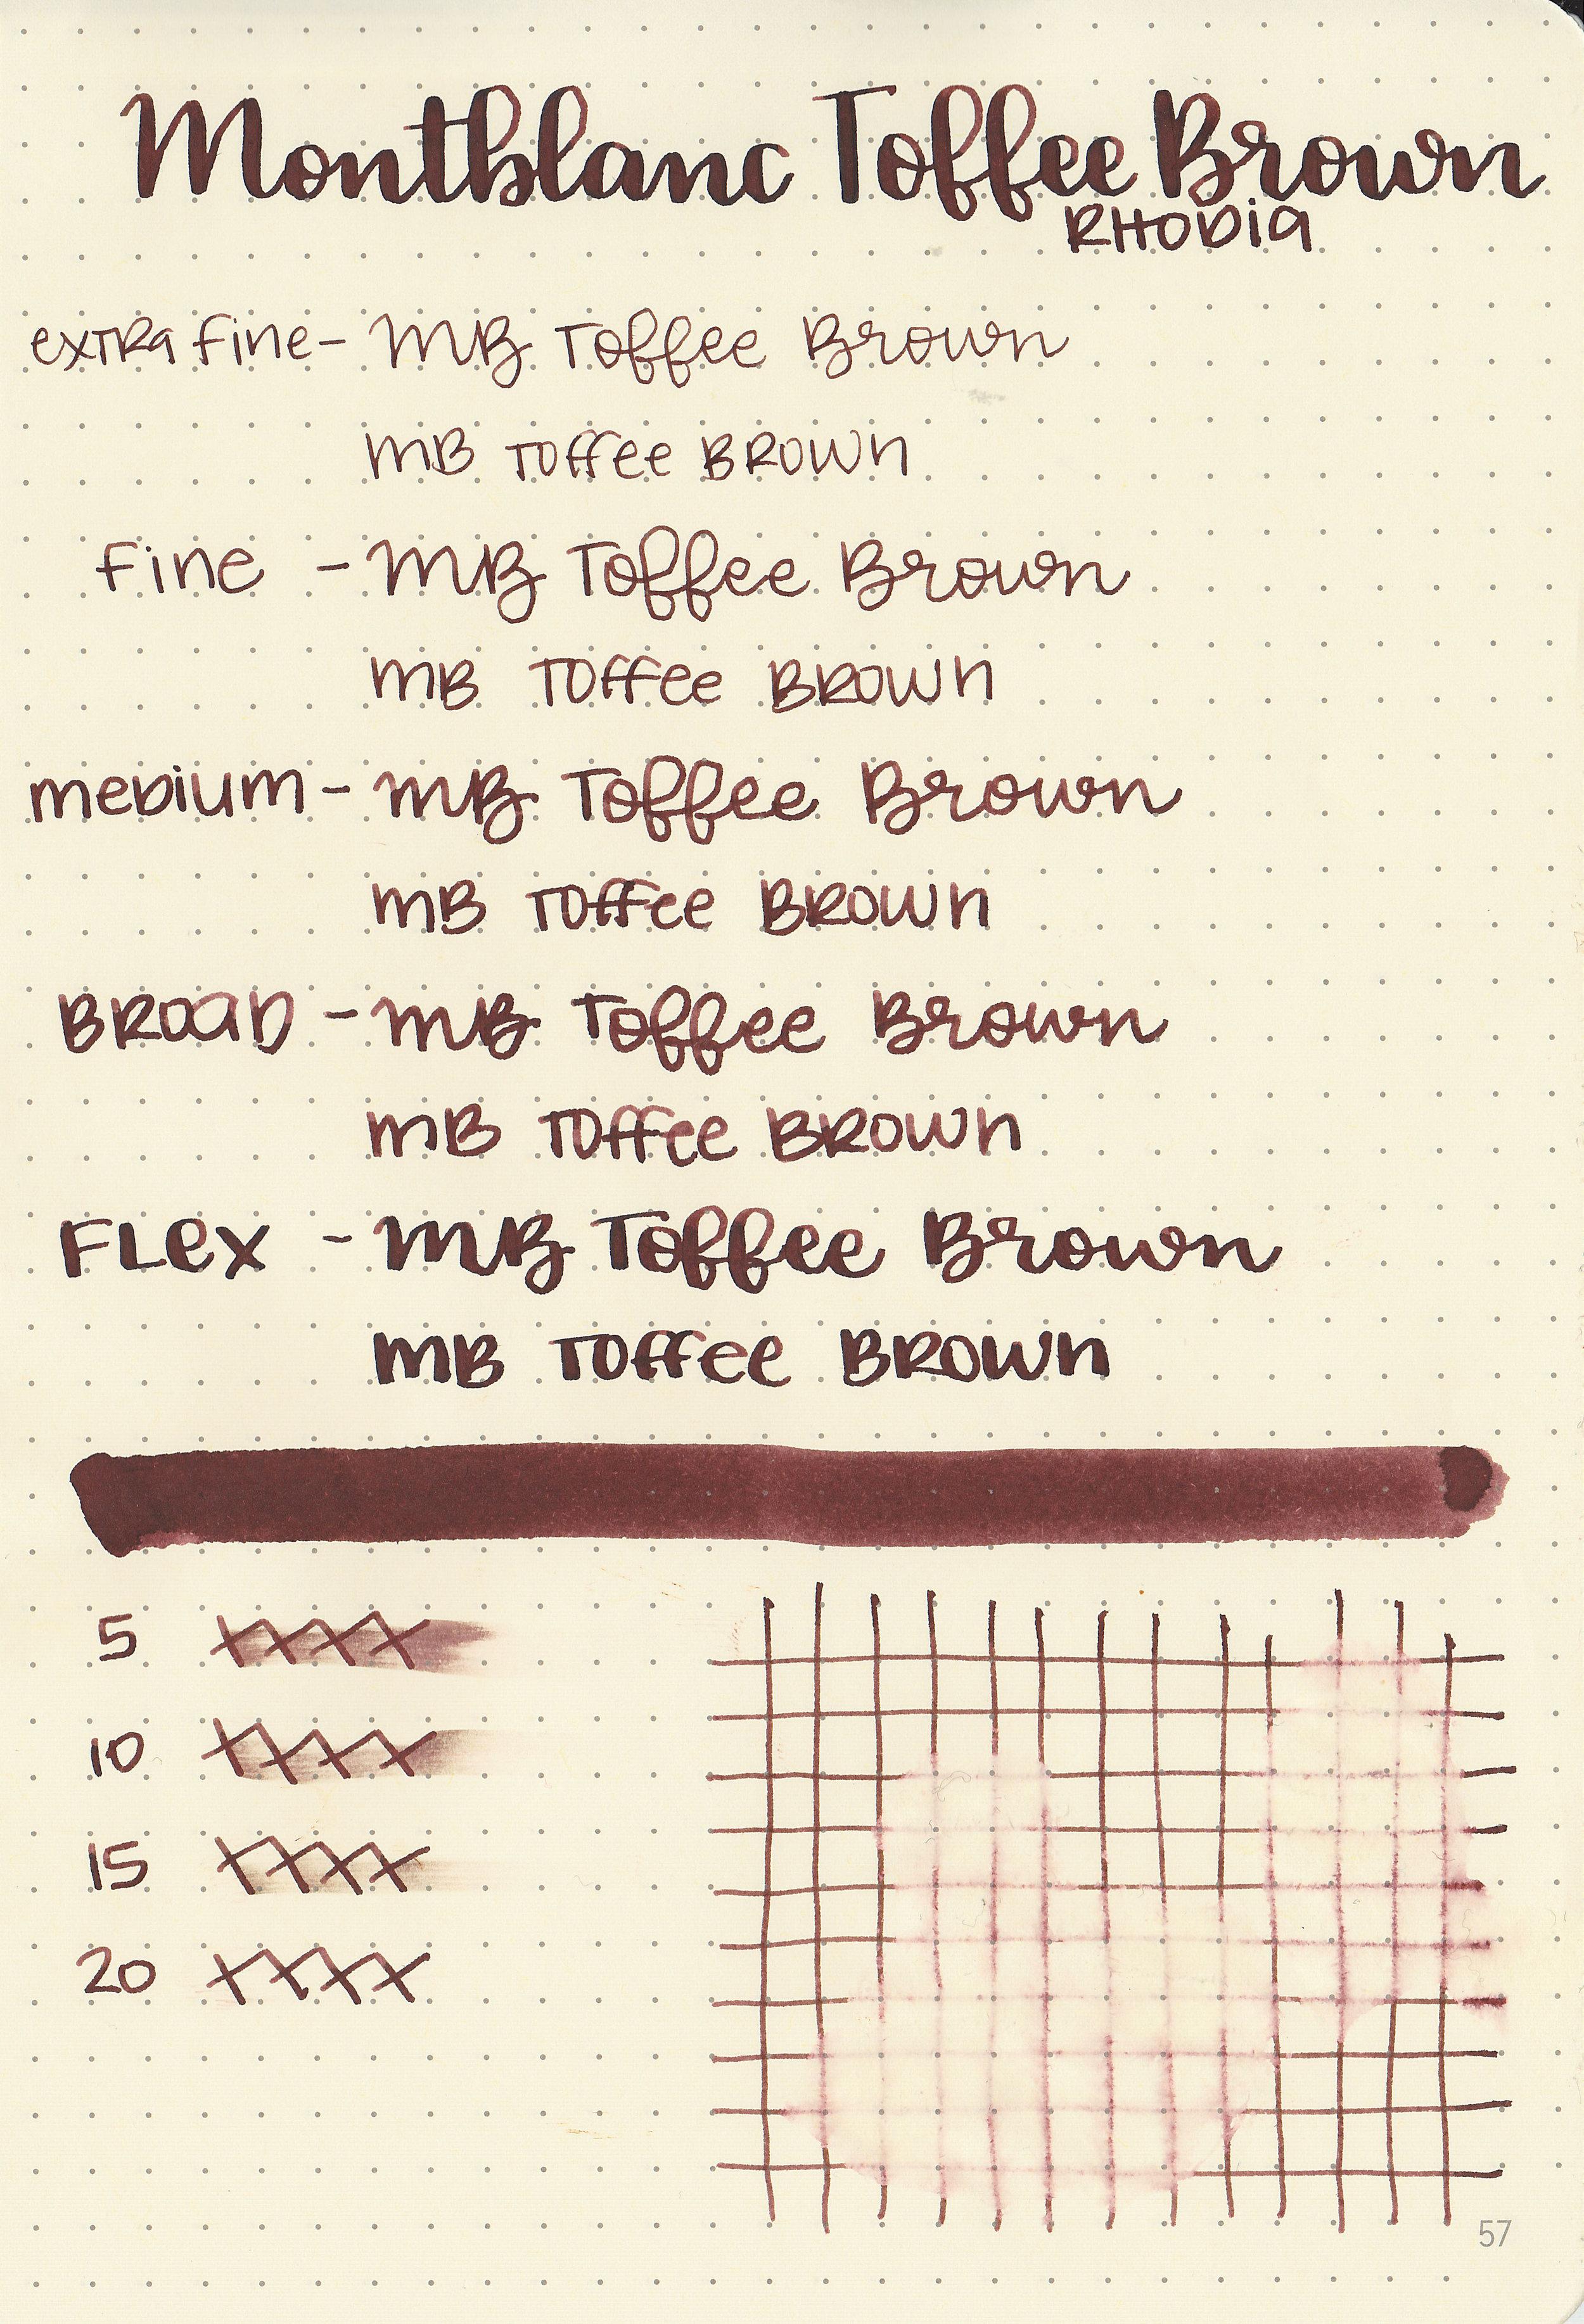 mb-toffee-brown-6.jpg